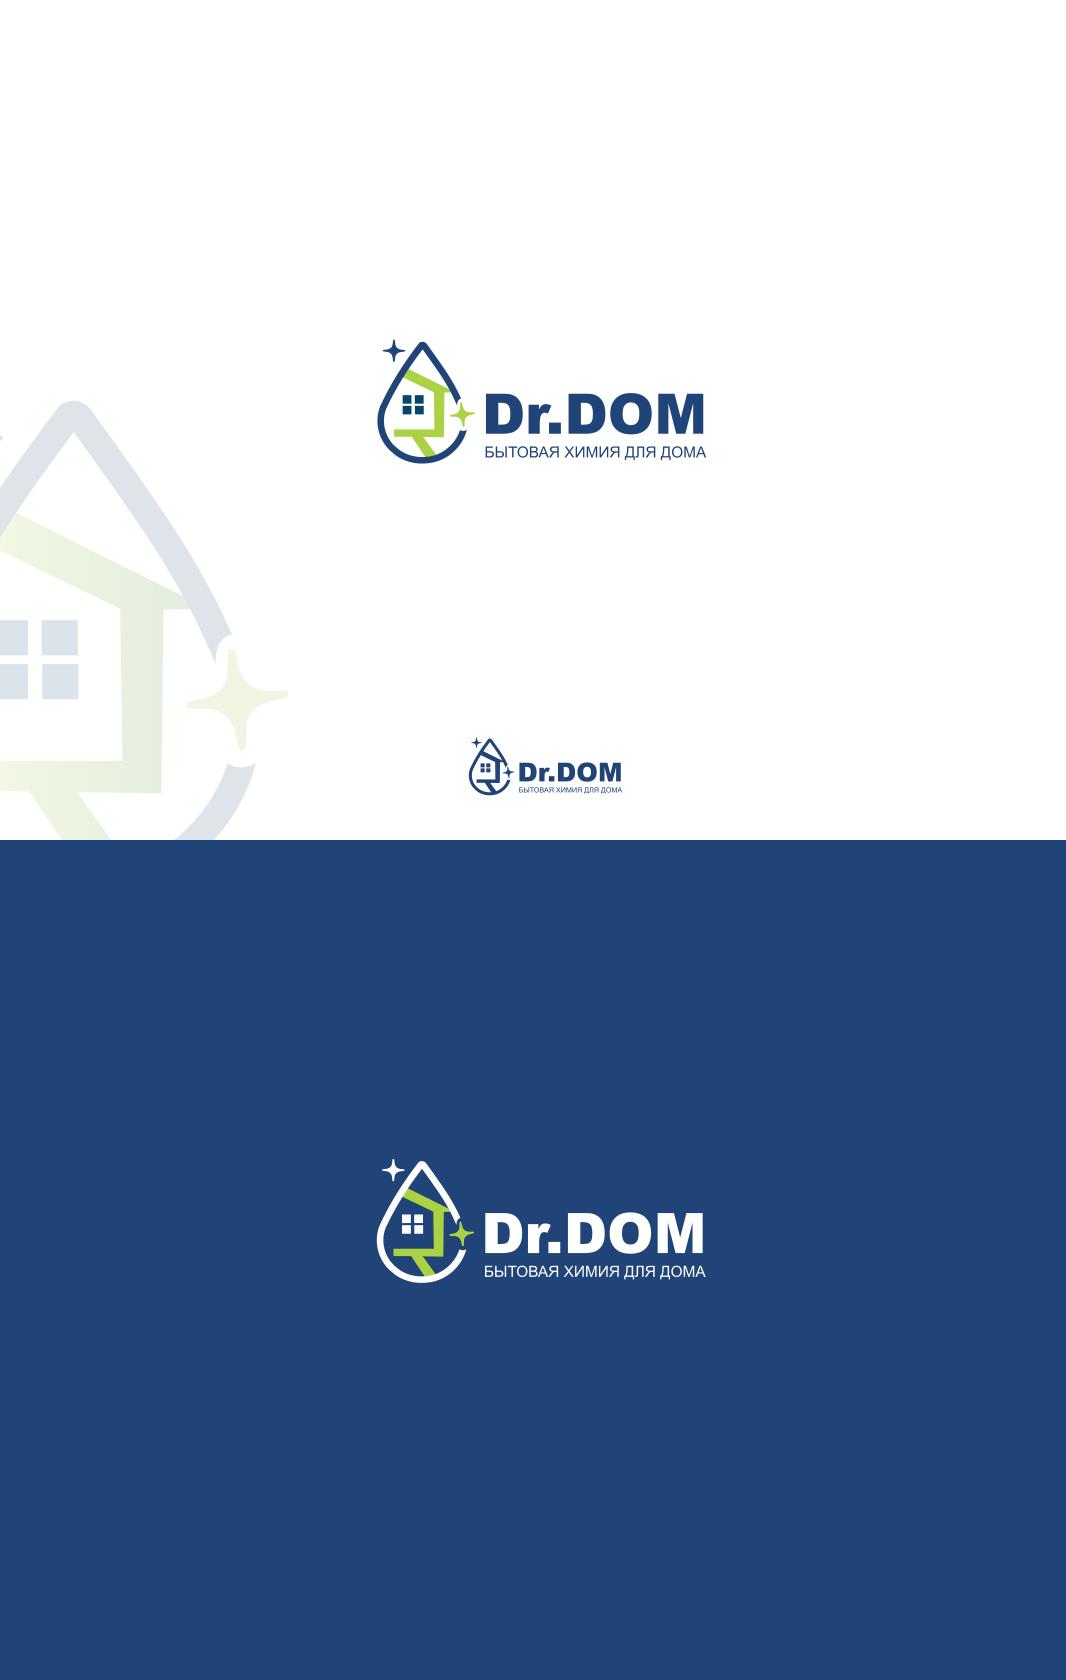 Разработать логотип для сети магазинов бытовой химии и товаров для уборки фото f_6975fff999f2f4ed.jpg